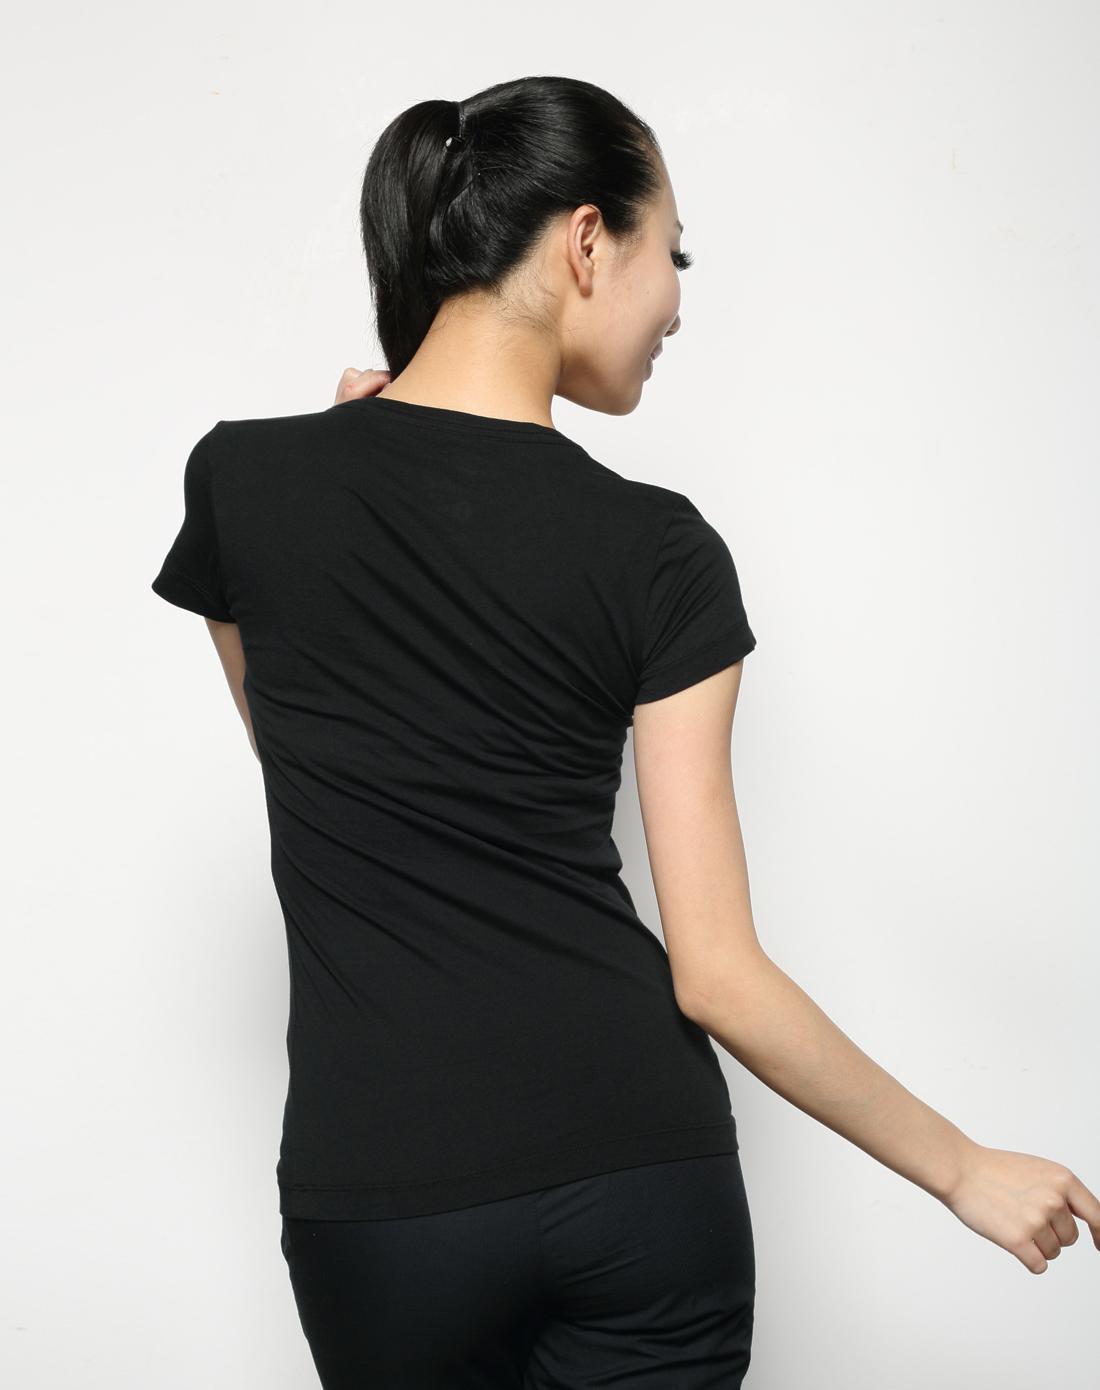 耐克nike女子黑色短袖t恤417301-010